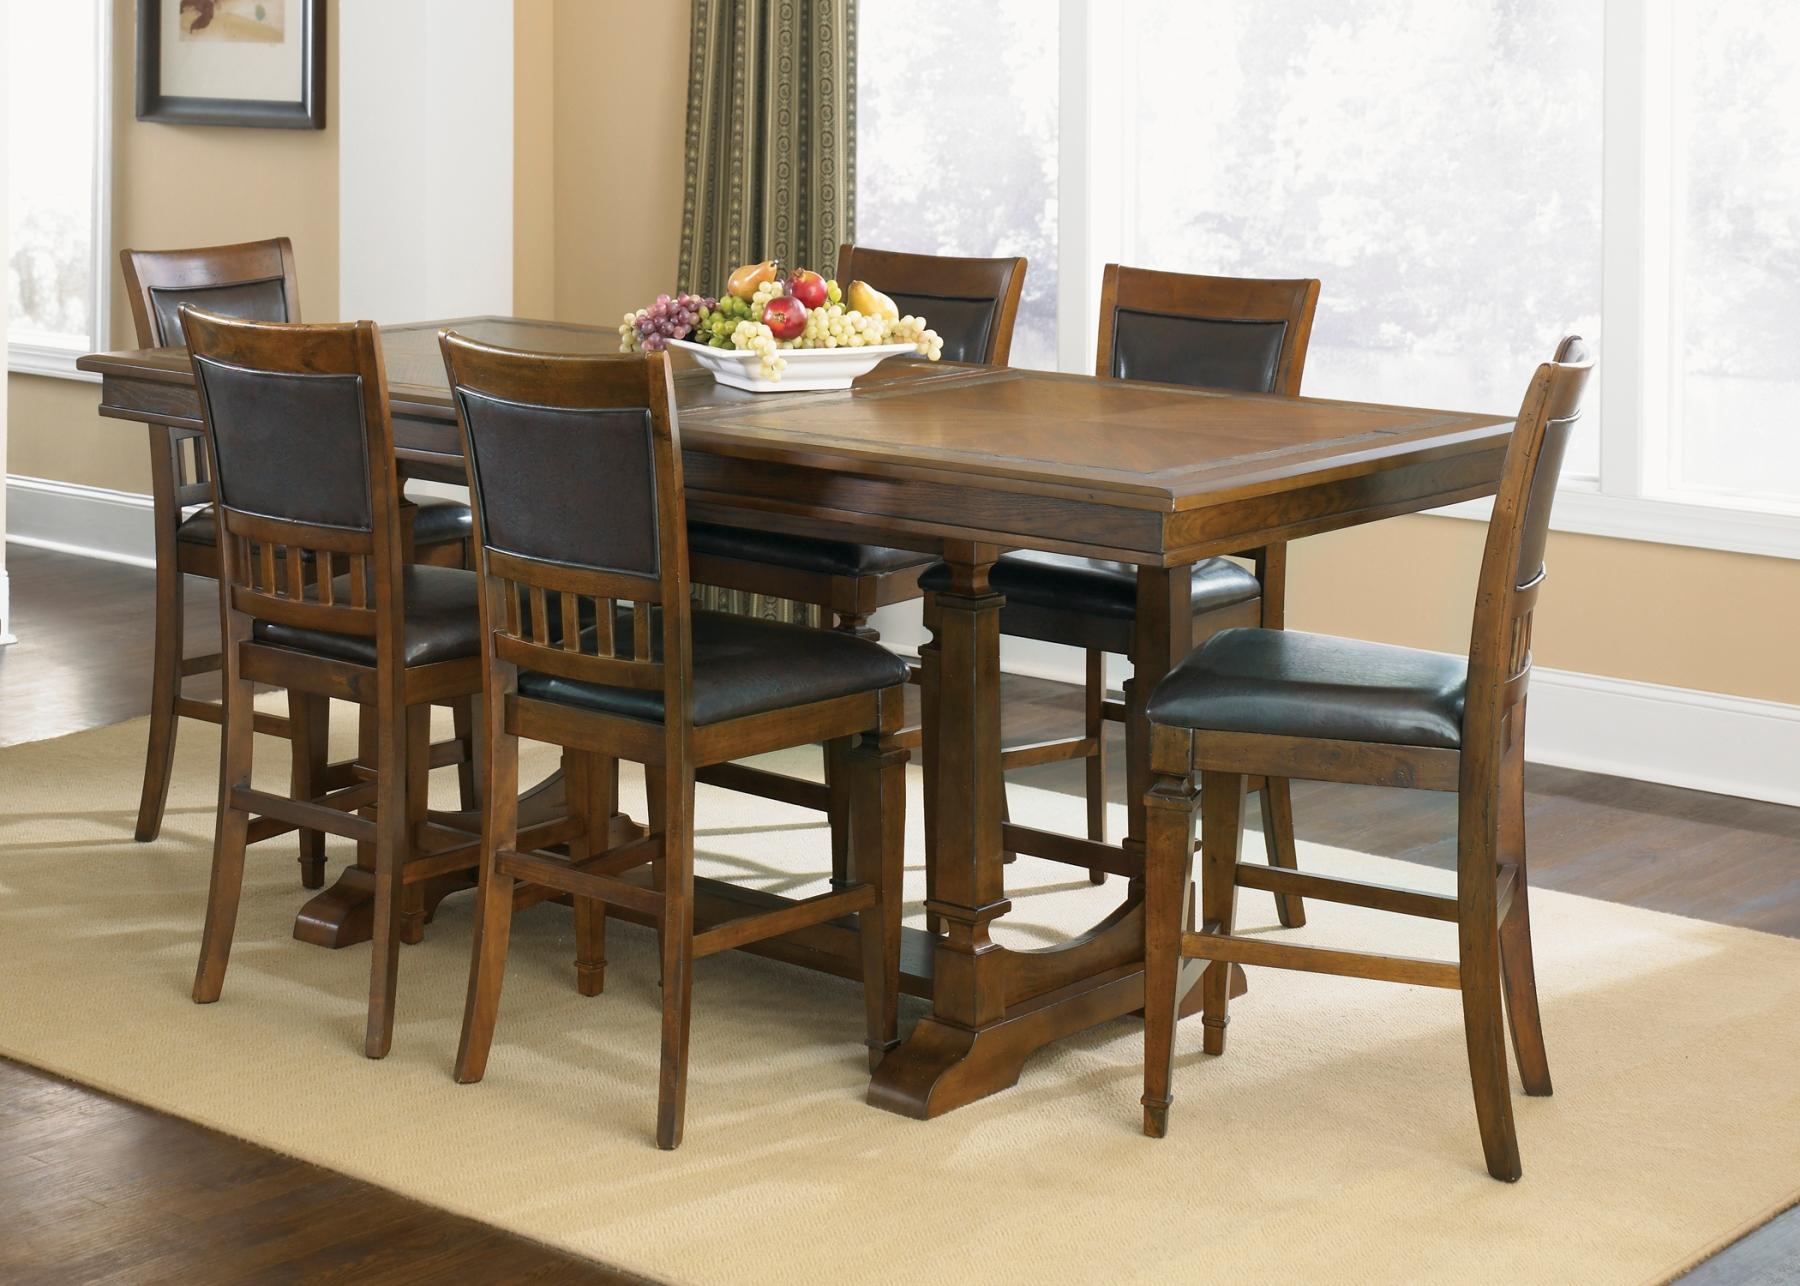 kitchen-chairs-ikea-photo-12